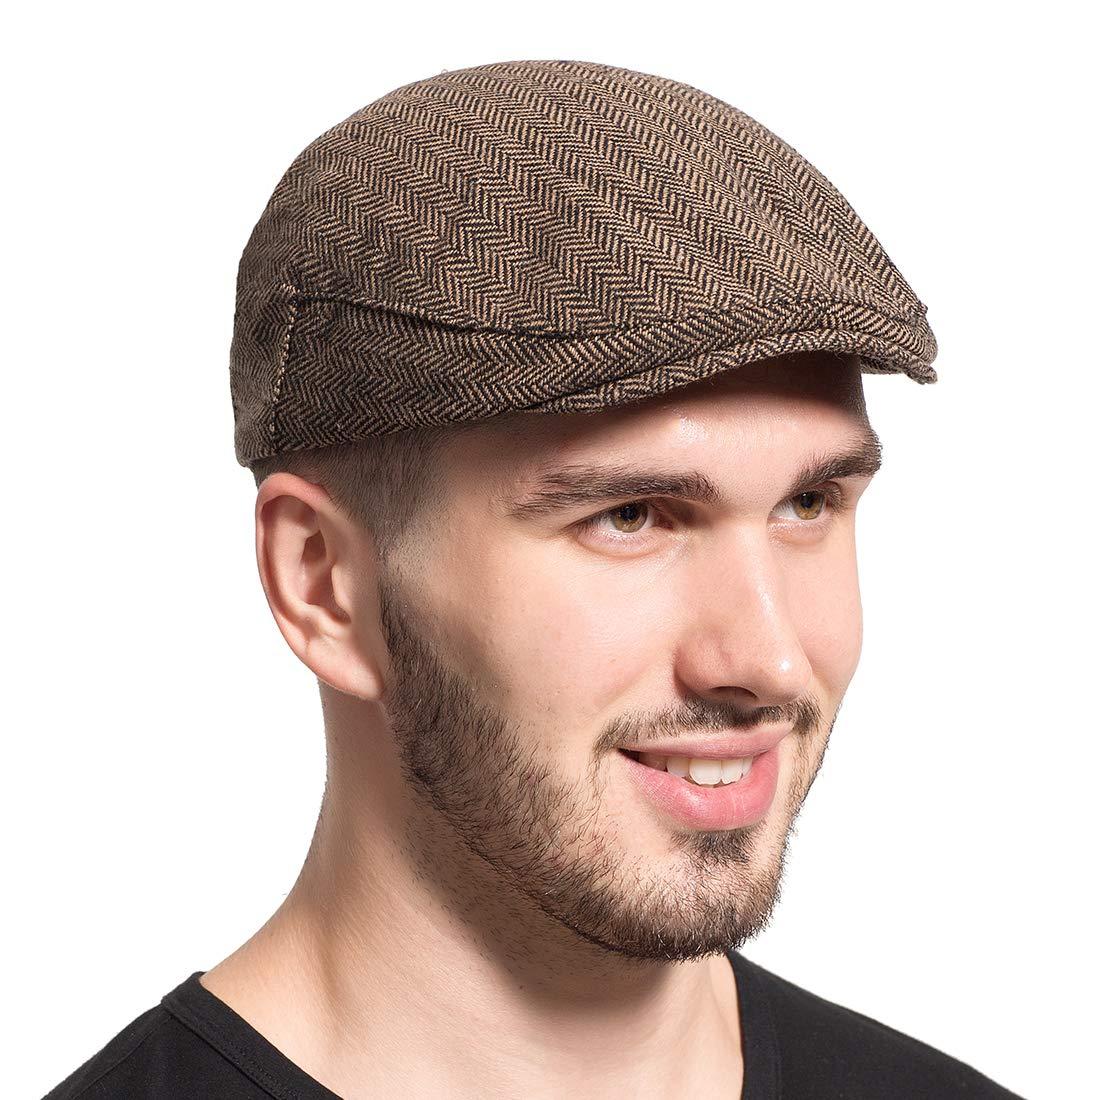 Leucos Ticte Gatsby Newsboy Hat Men Women Classic Herringbone Tweeb Flat Cap A brown